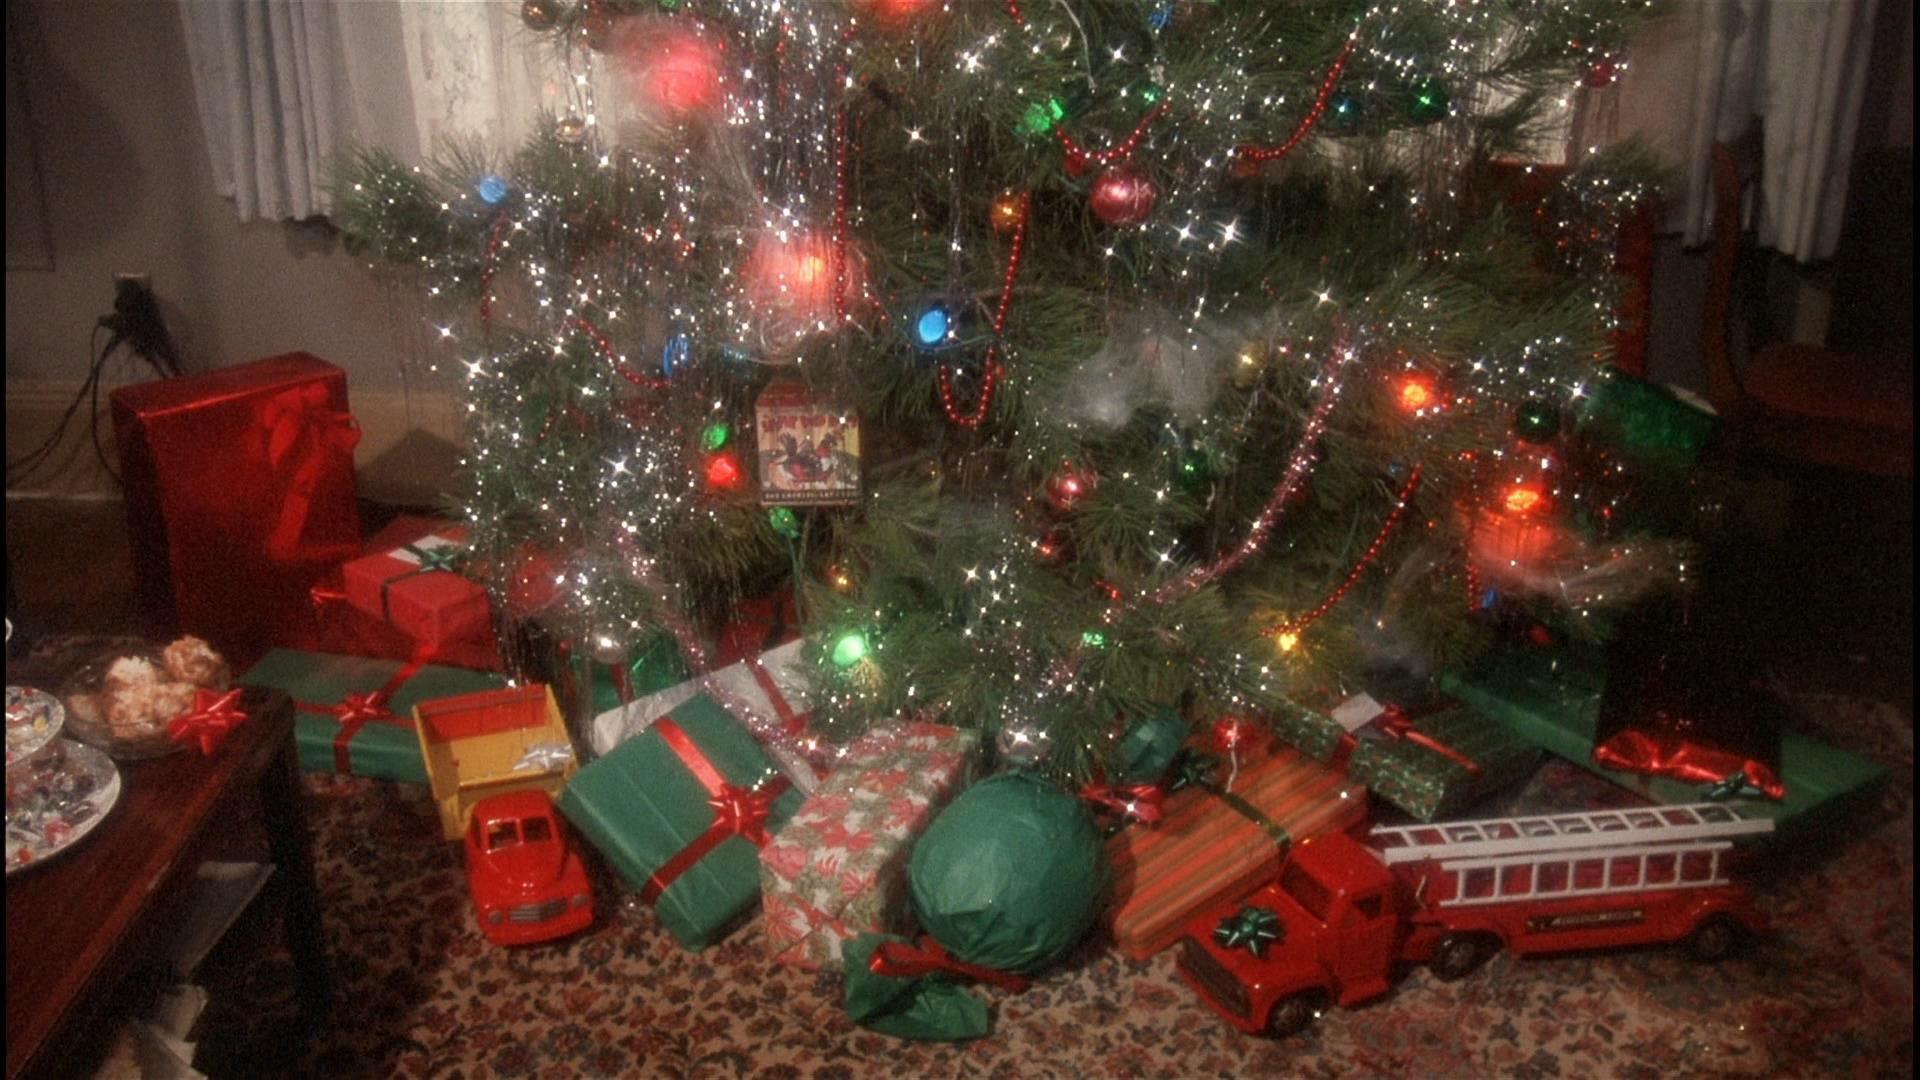 Christmas Story Wallpaper - WallpaperSafari